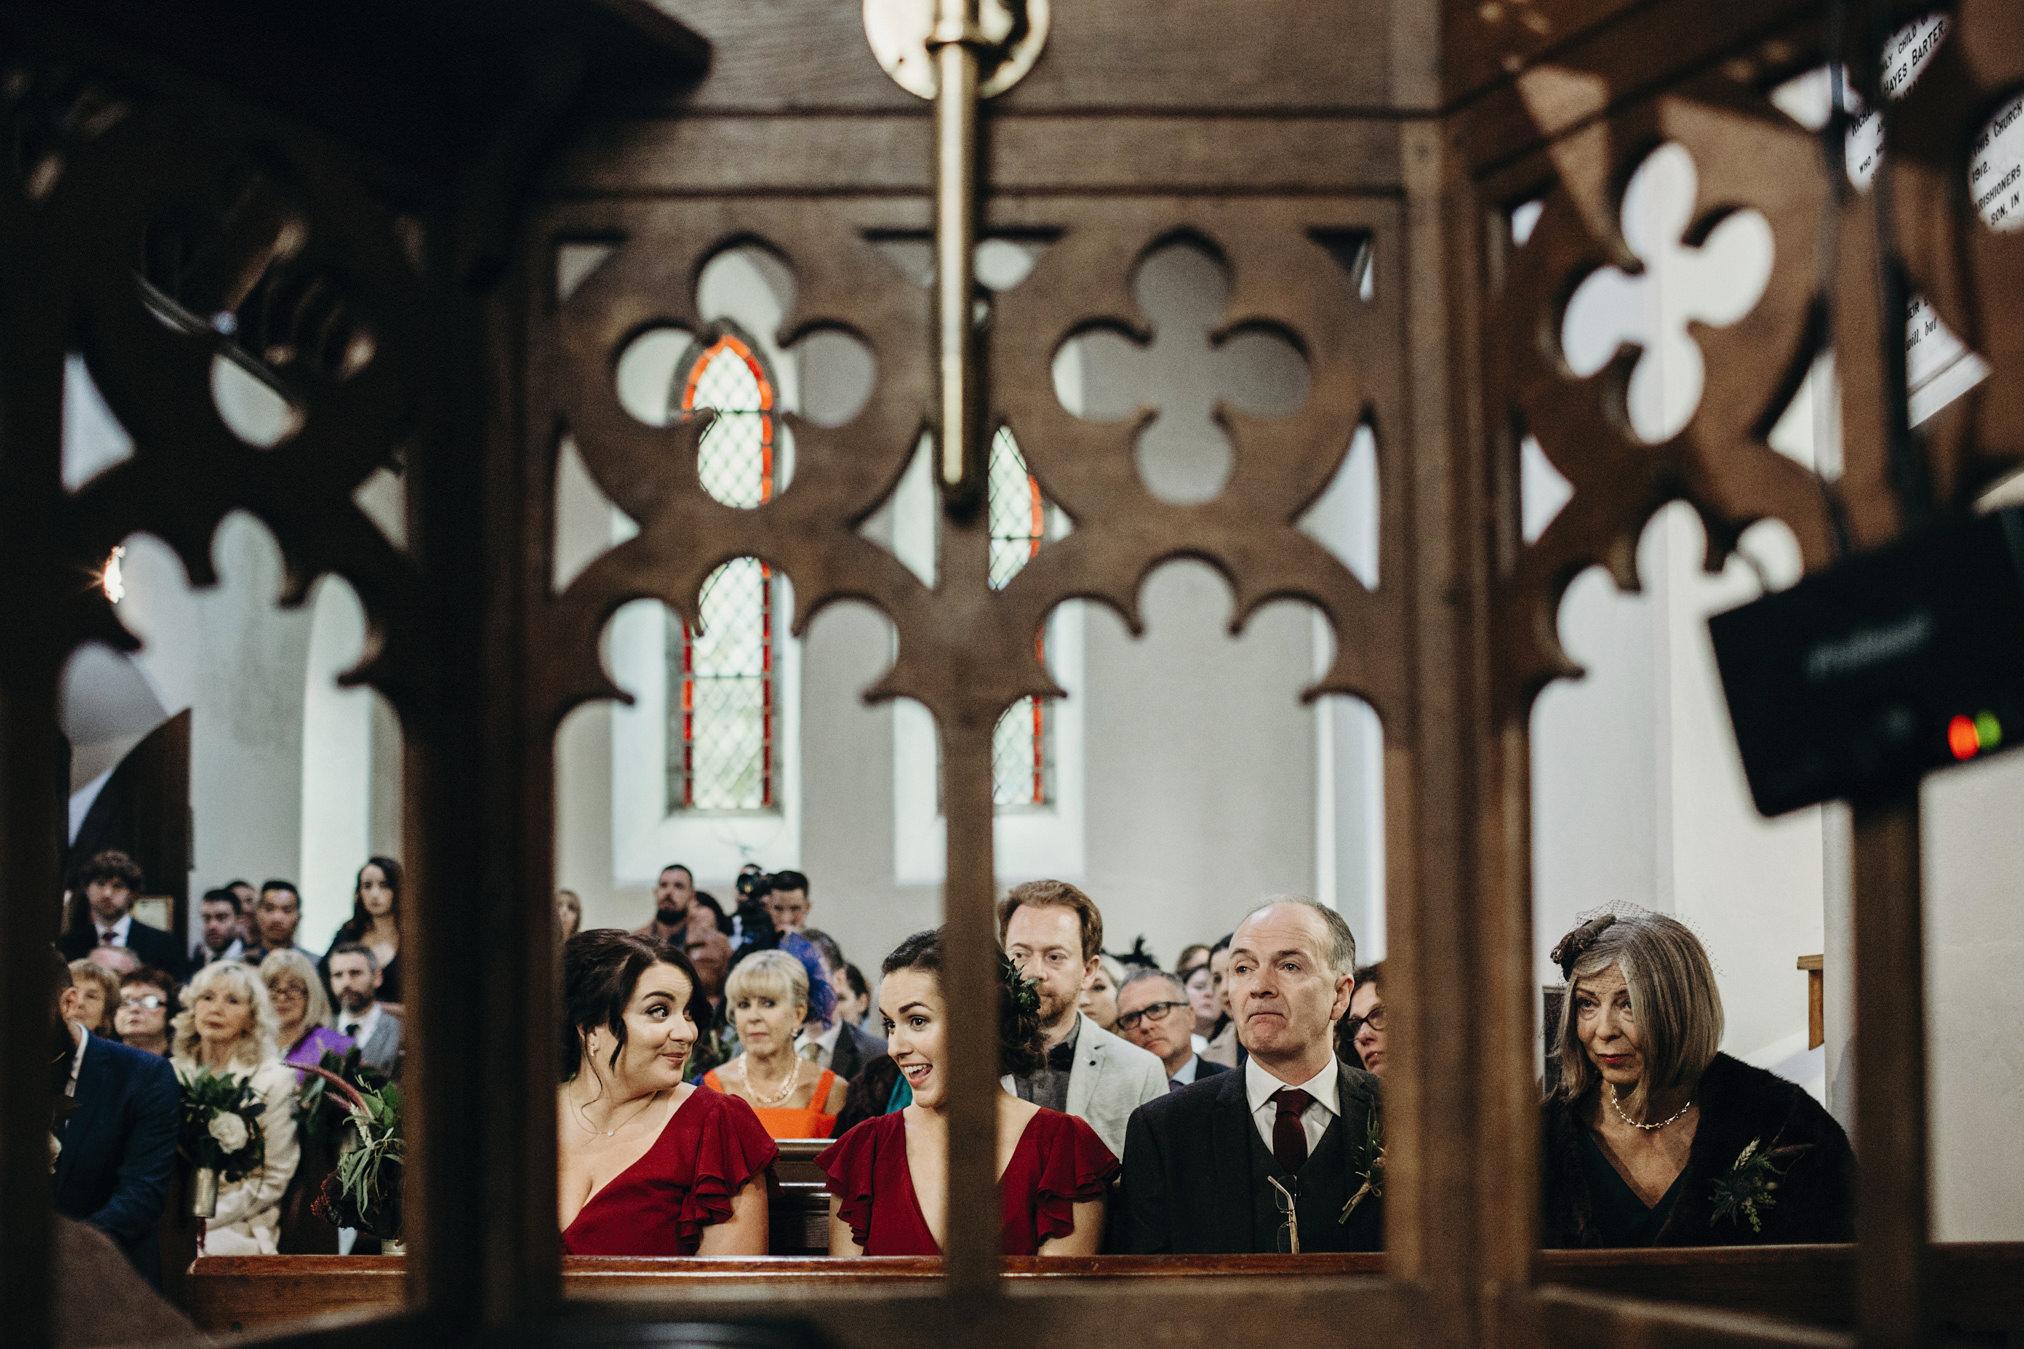 wedding photographer irelandGraciela Vilagudin Photography547.jpg